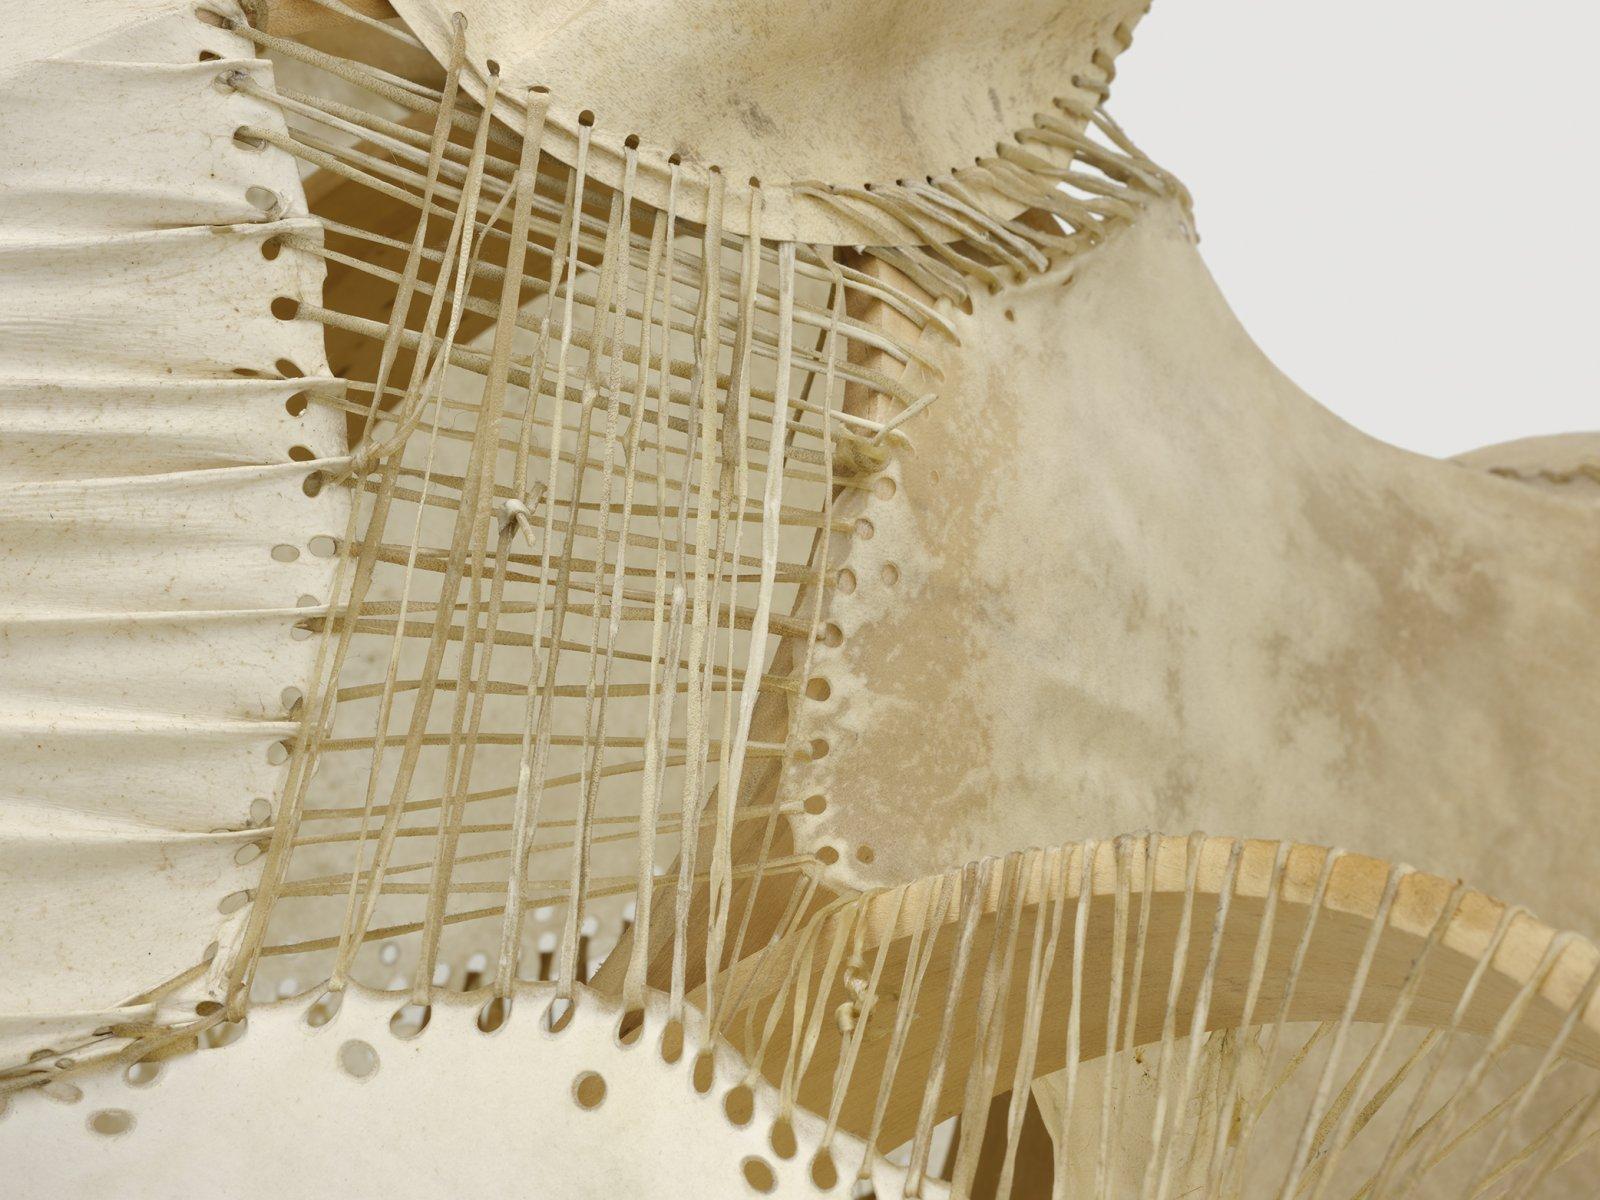 Brian Jungen, Sound Space 1 (detail), 2010, drum frames, hides, 24 x 36 x 24 in. (61 x 91 x 61 cm)